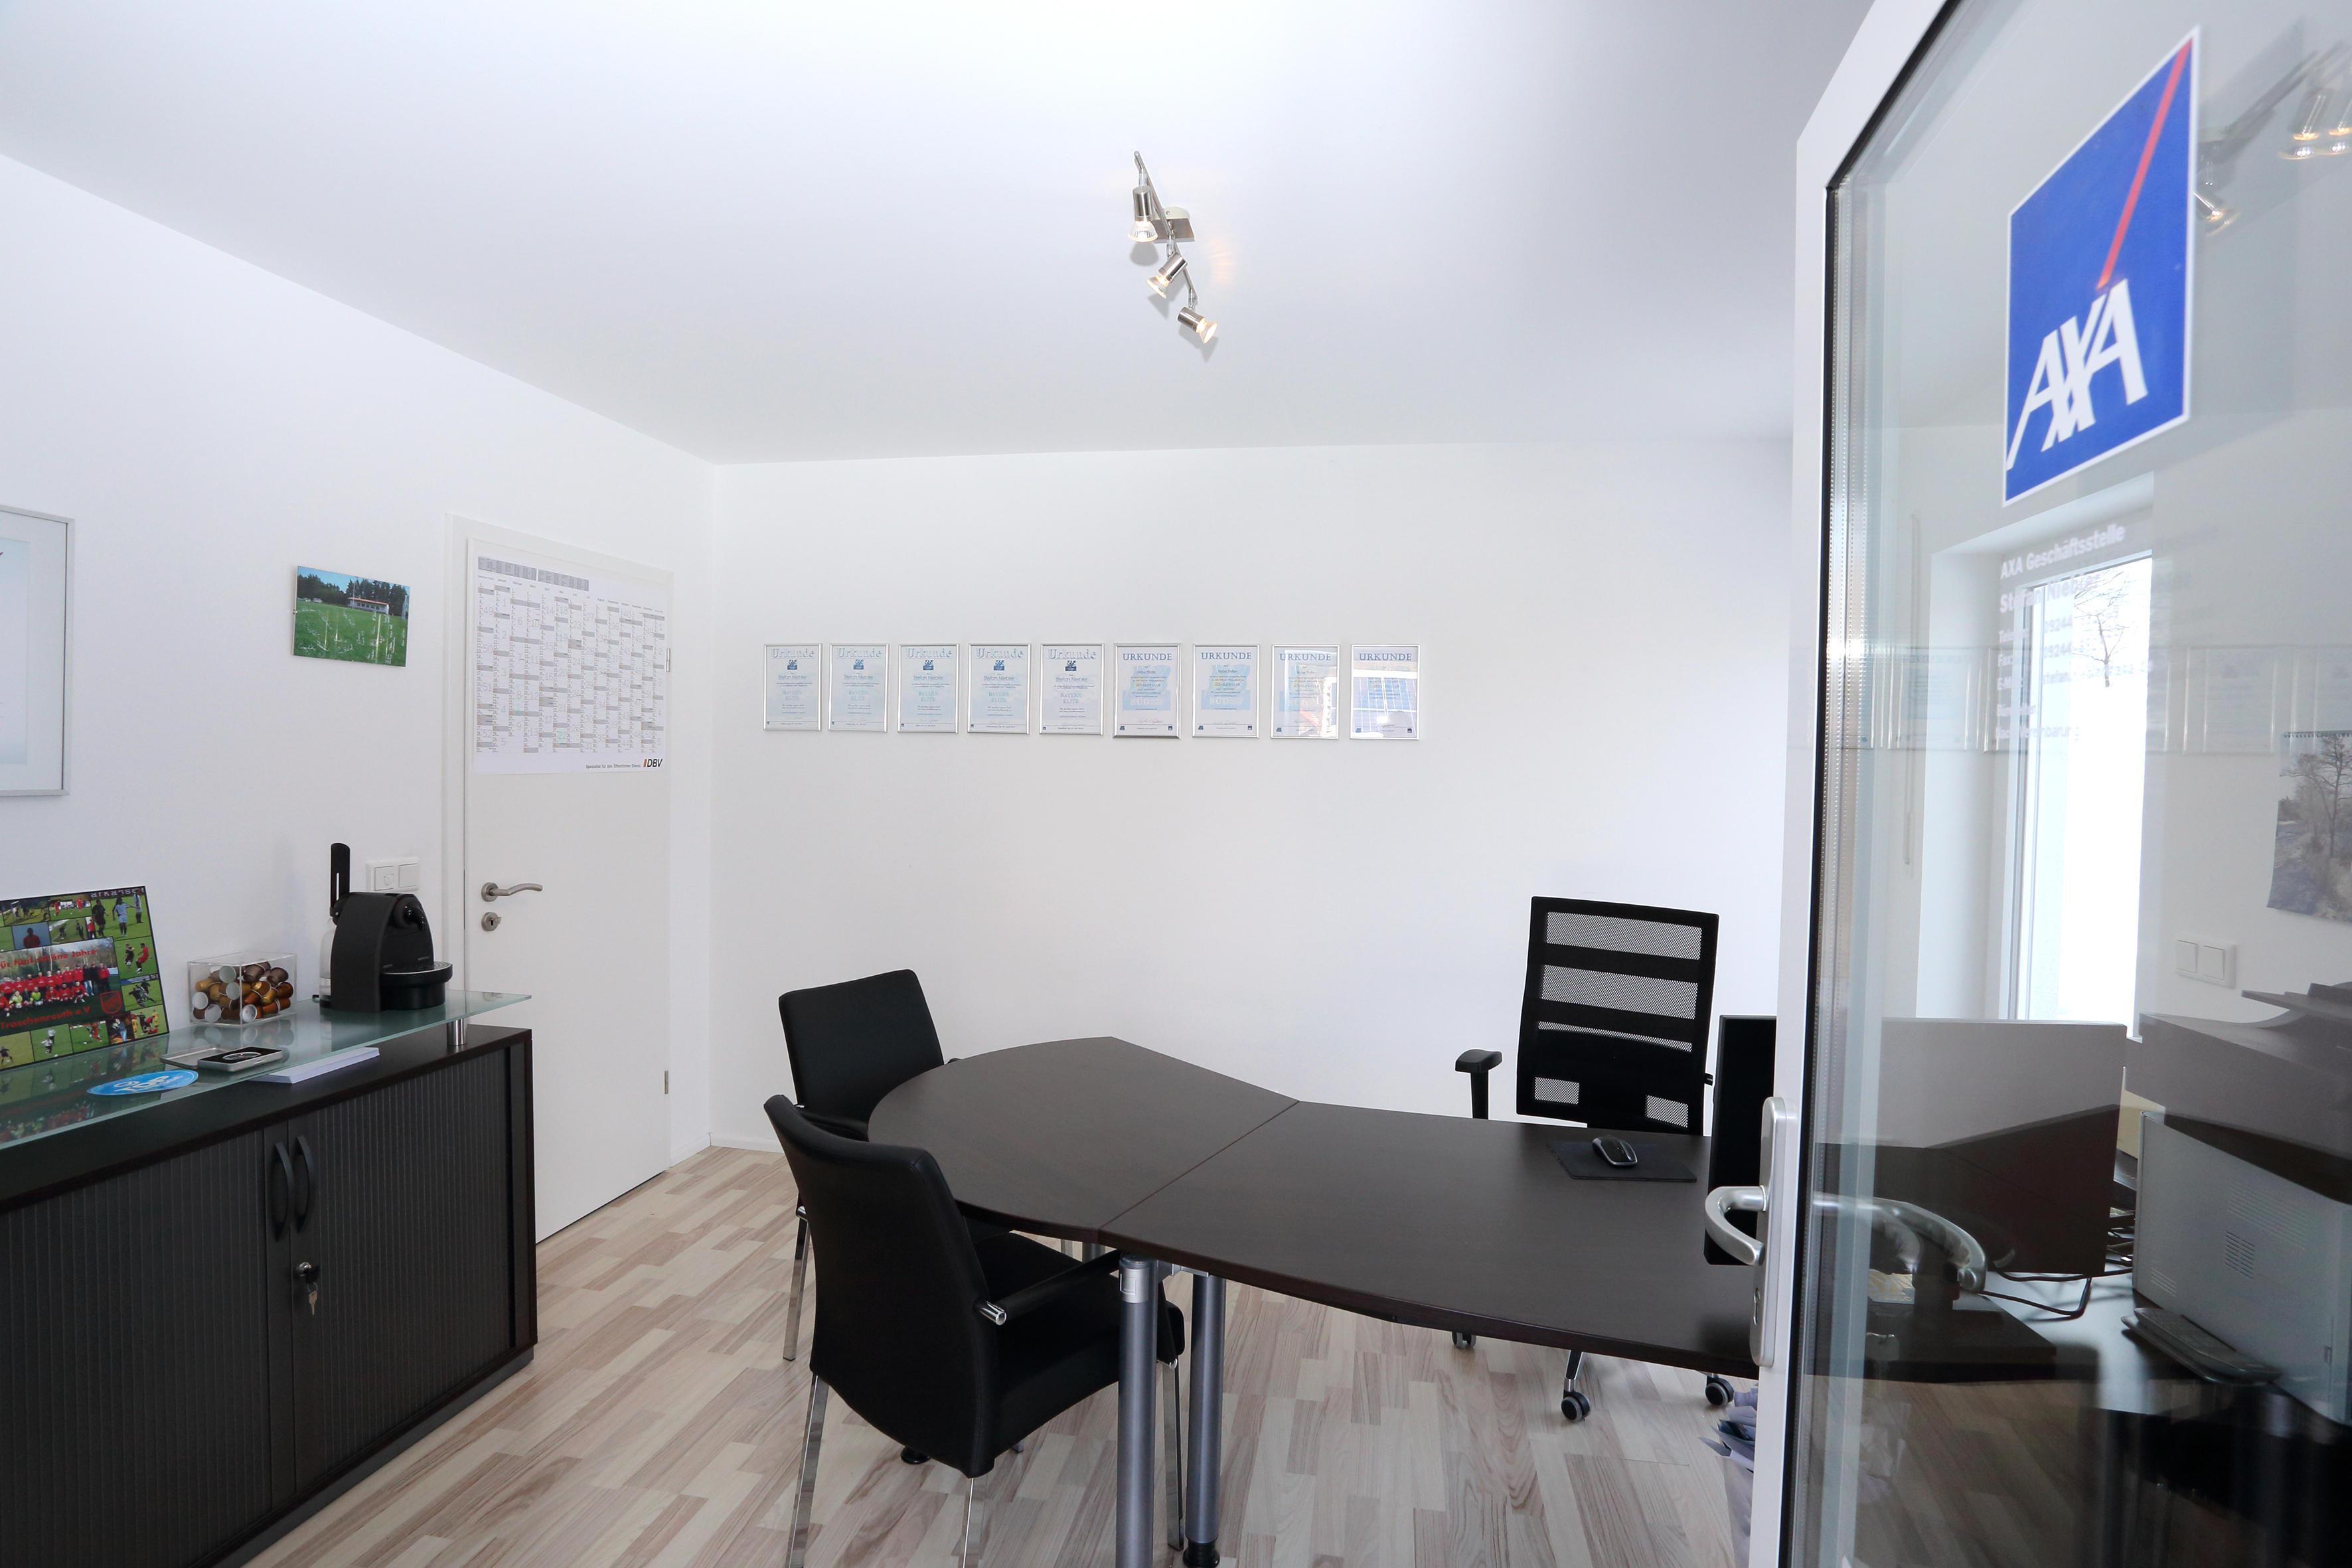 Beratungsräume in der AXA Agentur Niebler in Bayreuth